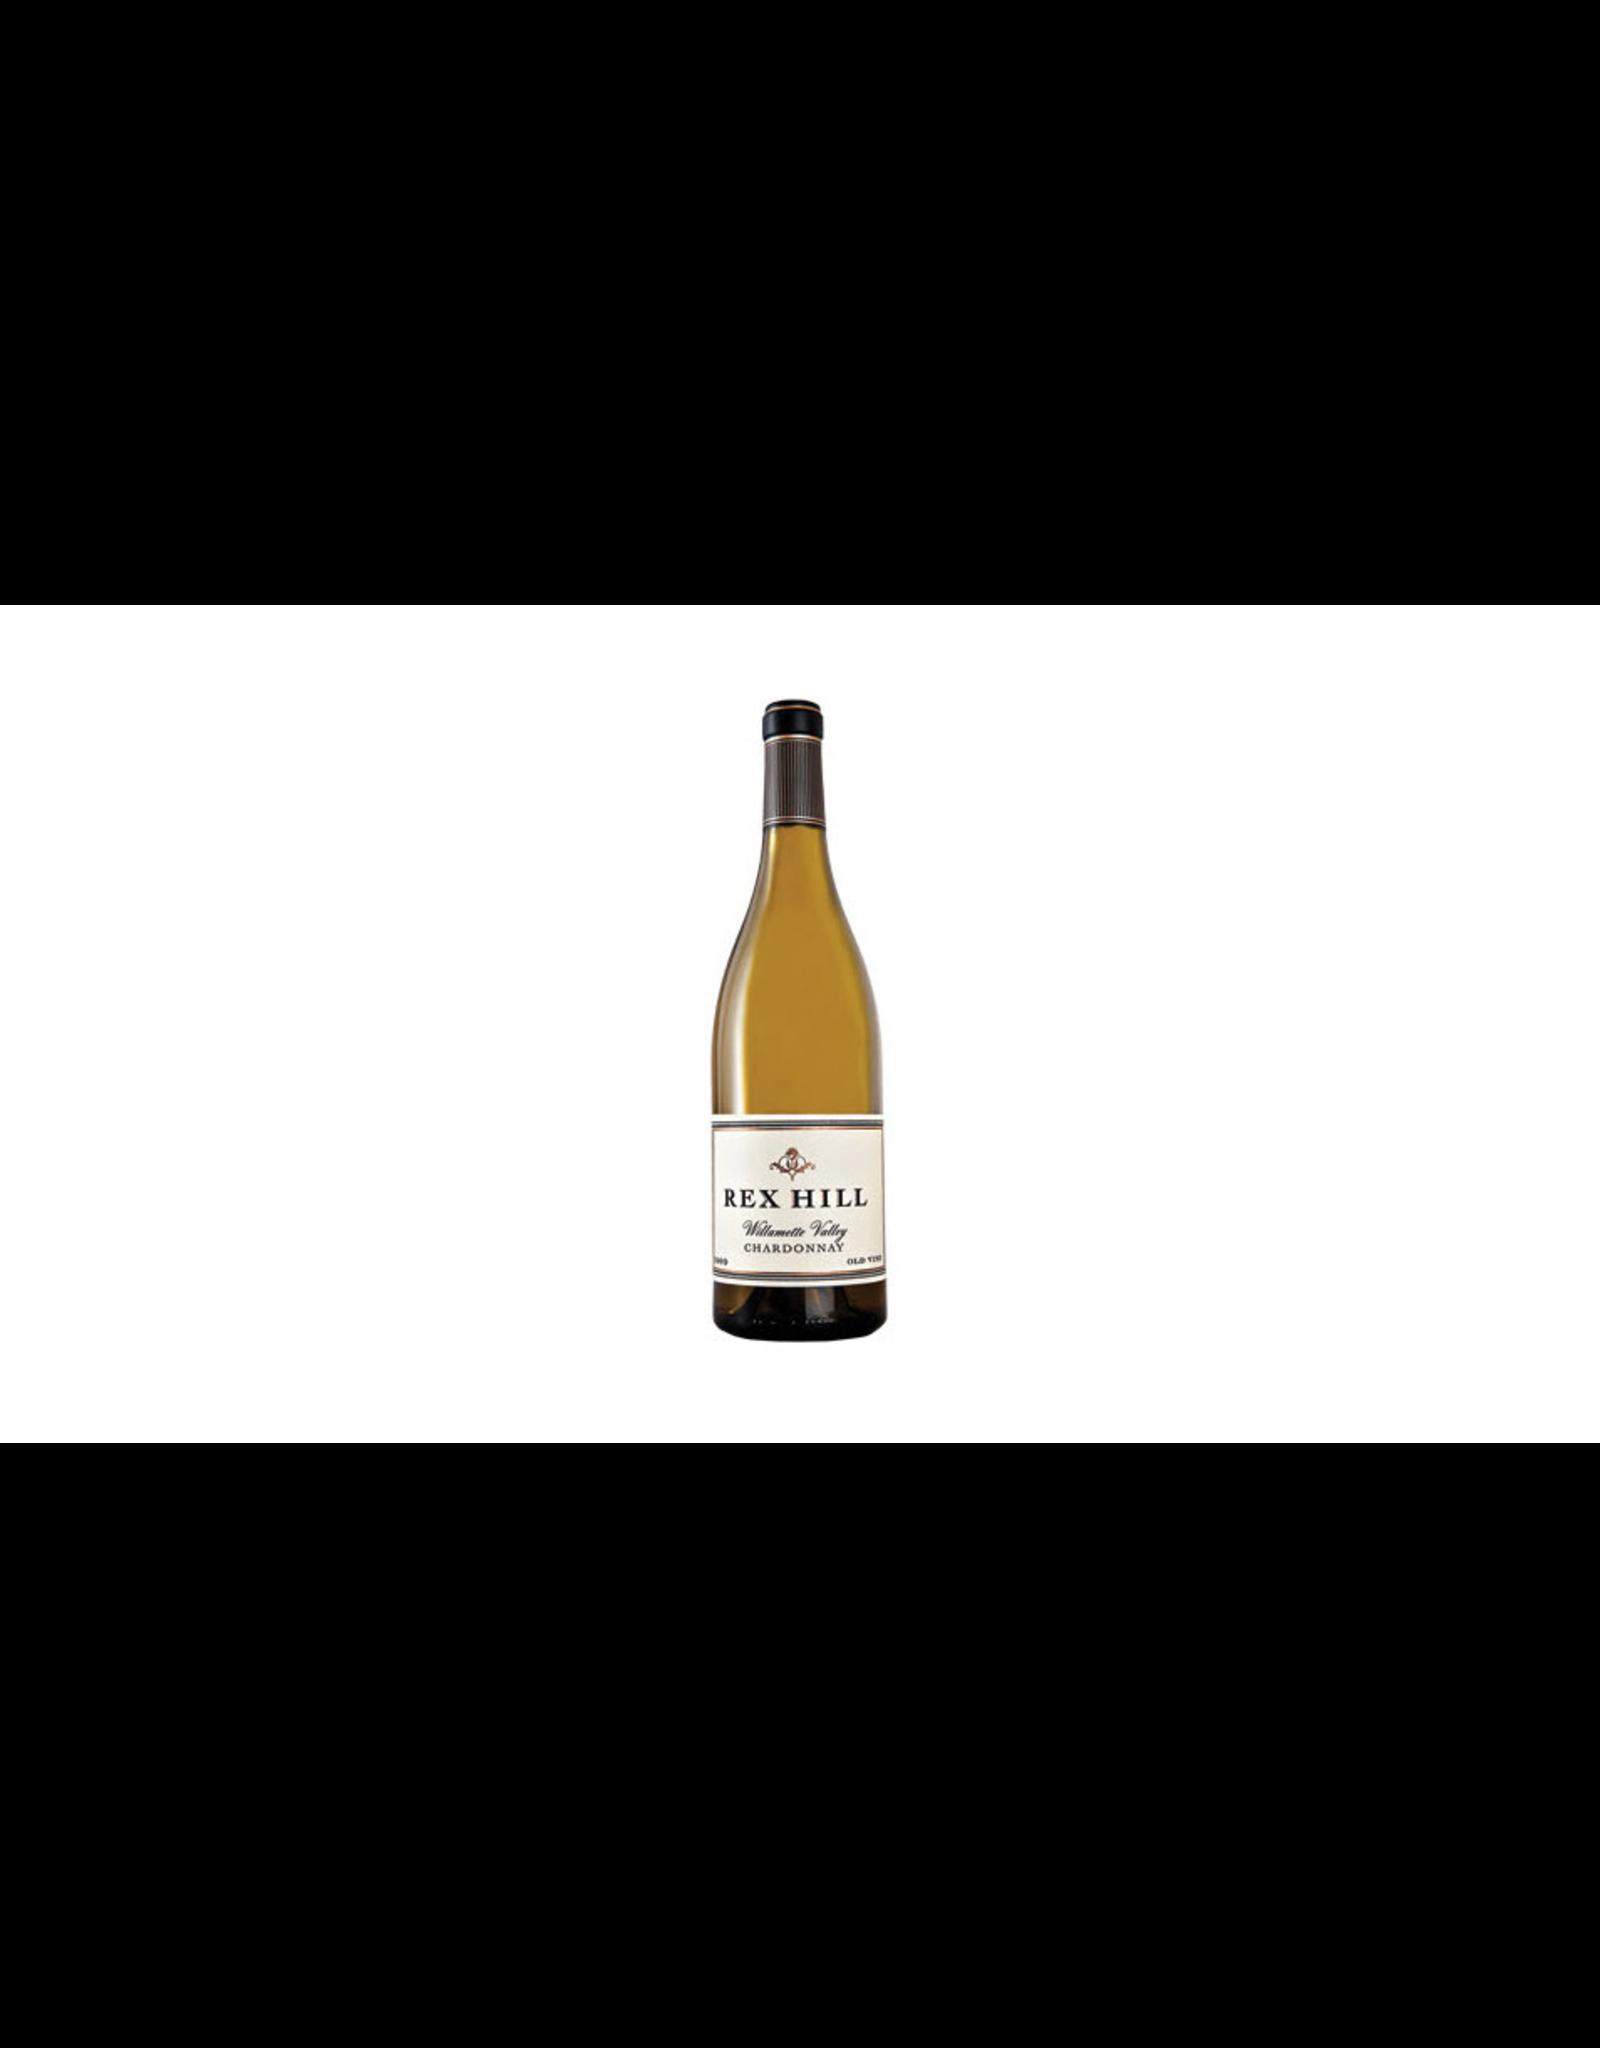 White Wine 2009, Rex Hill Old Vine, Chardonnay, Newberg, Willamette Valley, Oregon, 13.5% Alc, CT92, TW96